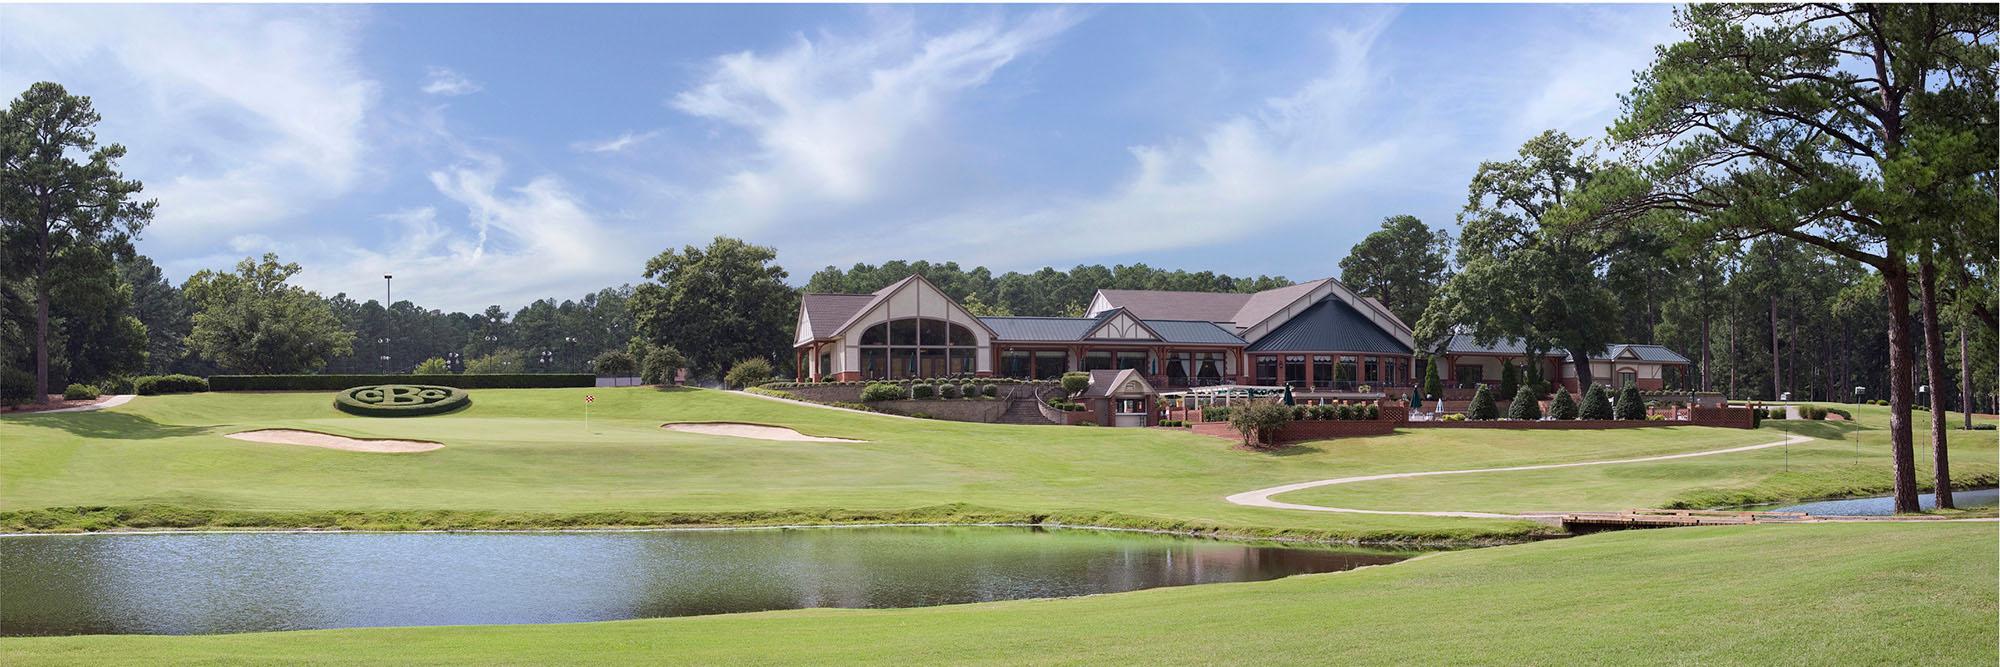 Golf Course Image - Benvenue No. 18